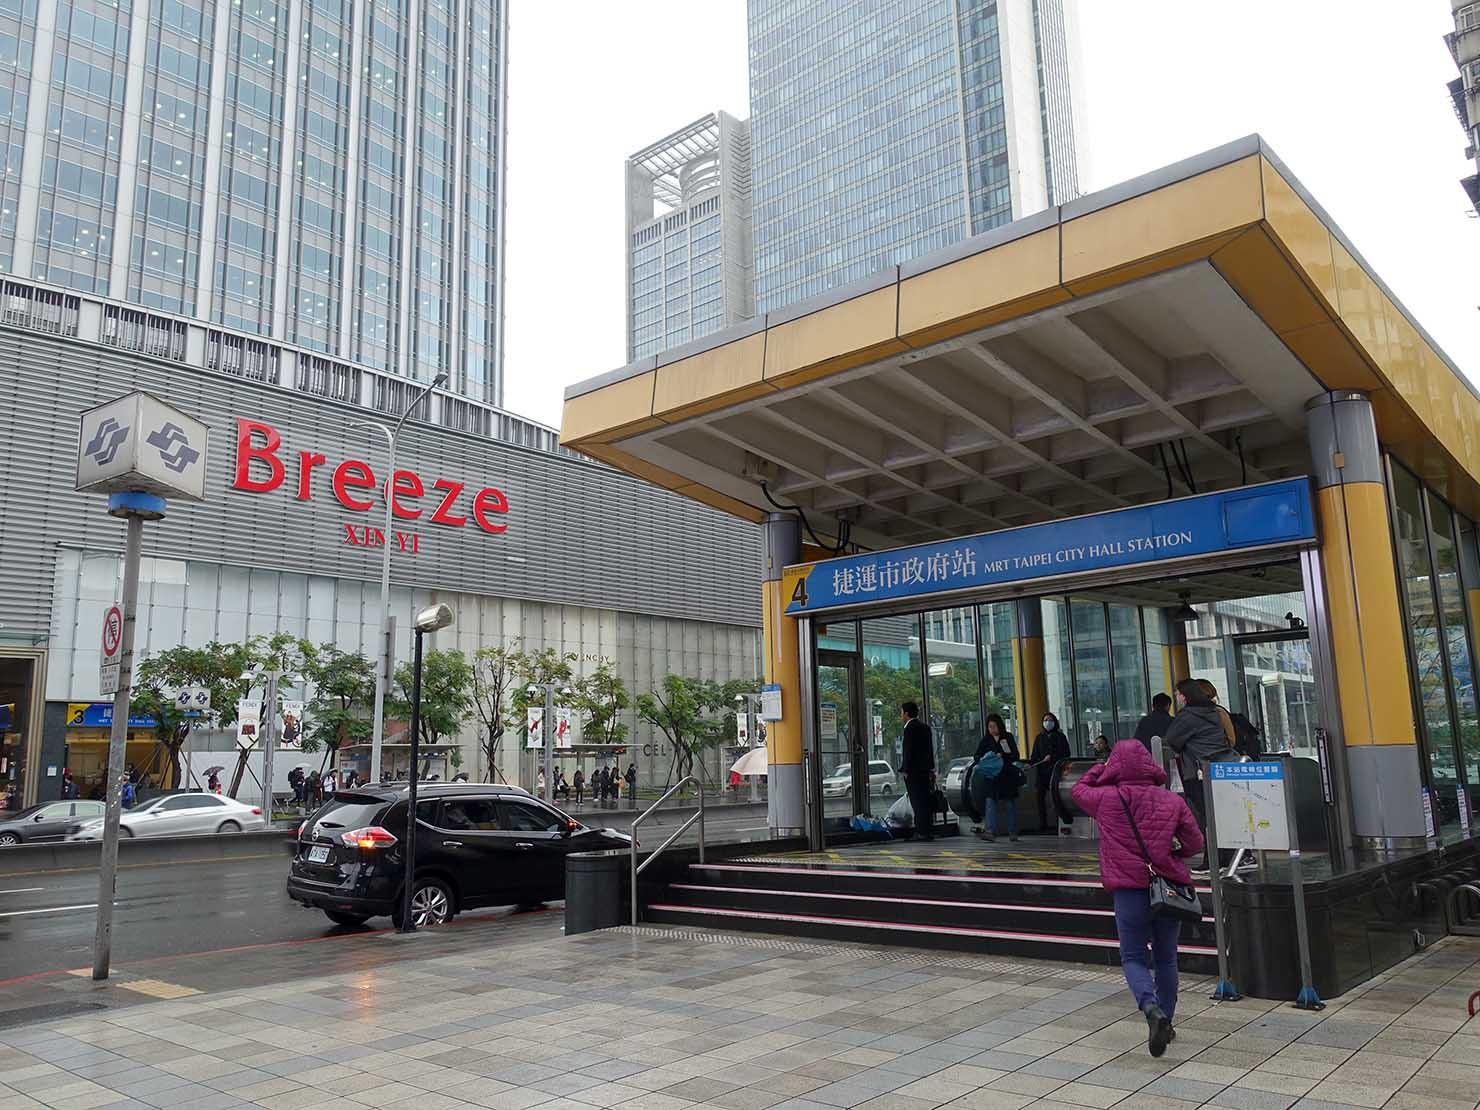 台北MRT(地下鉄)市政府駅4番出口